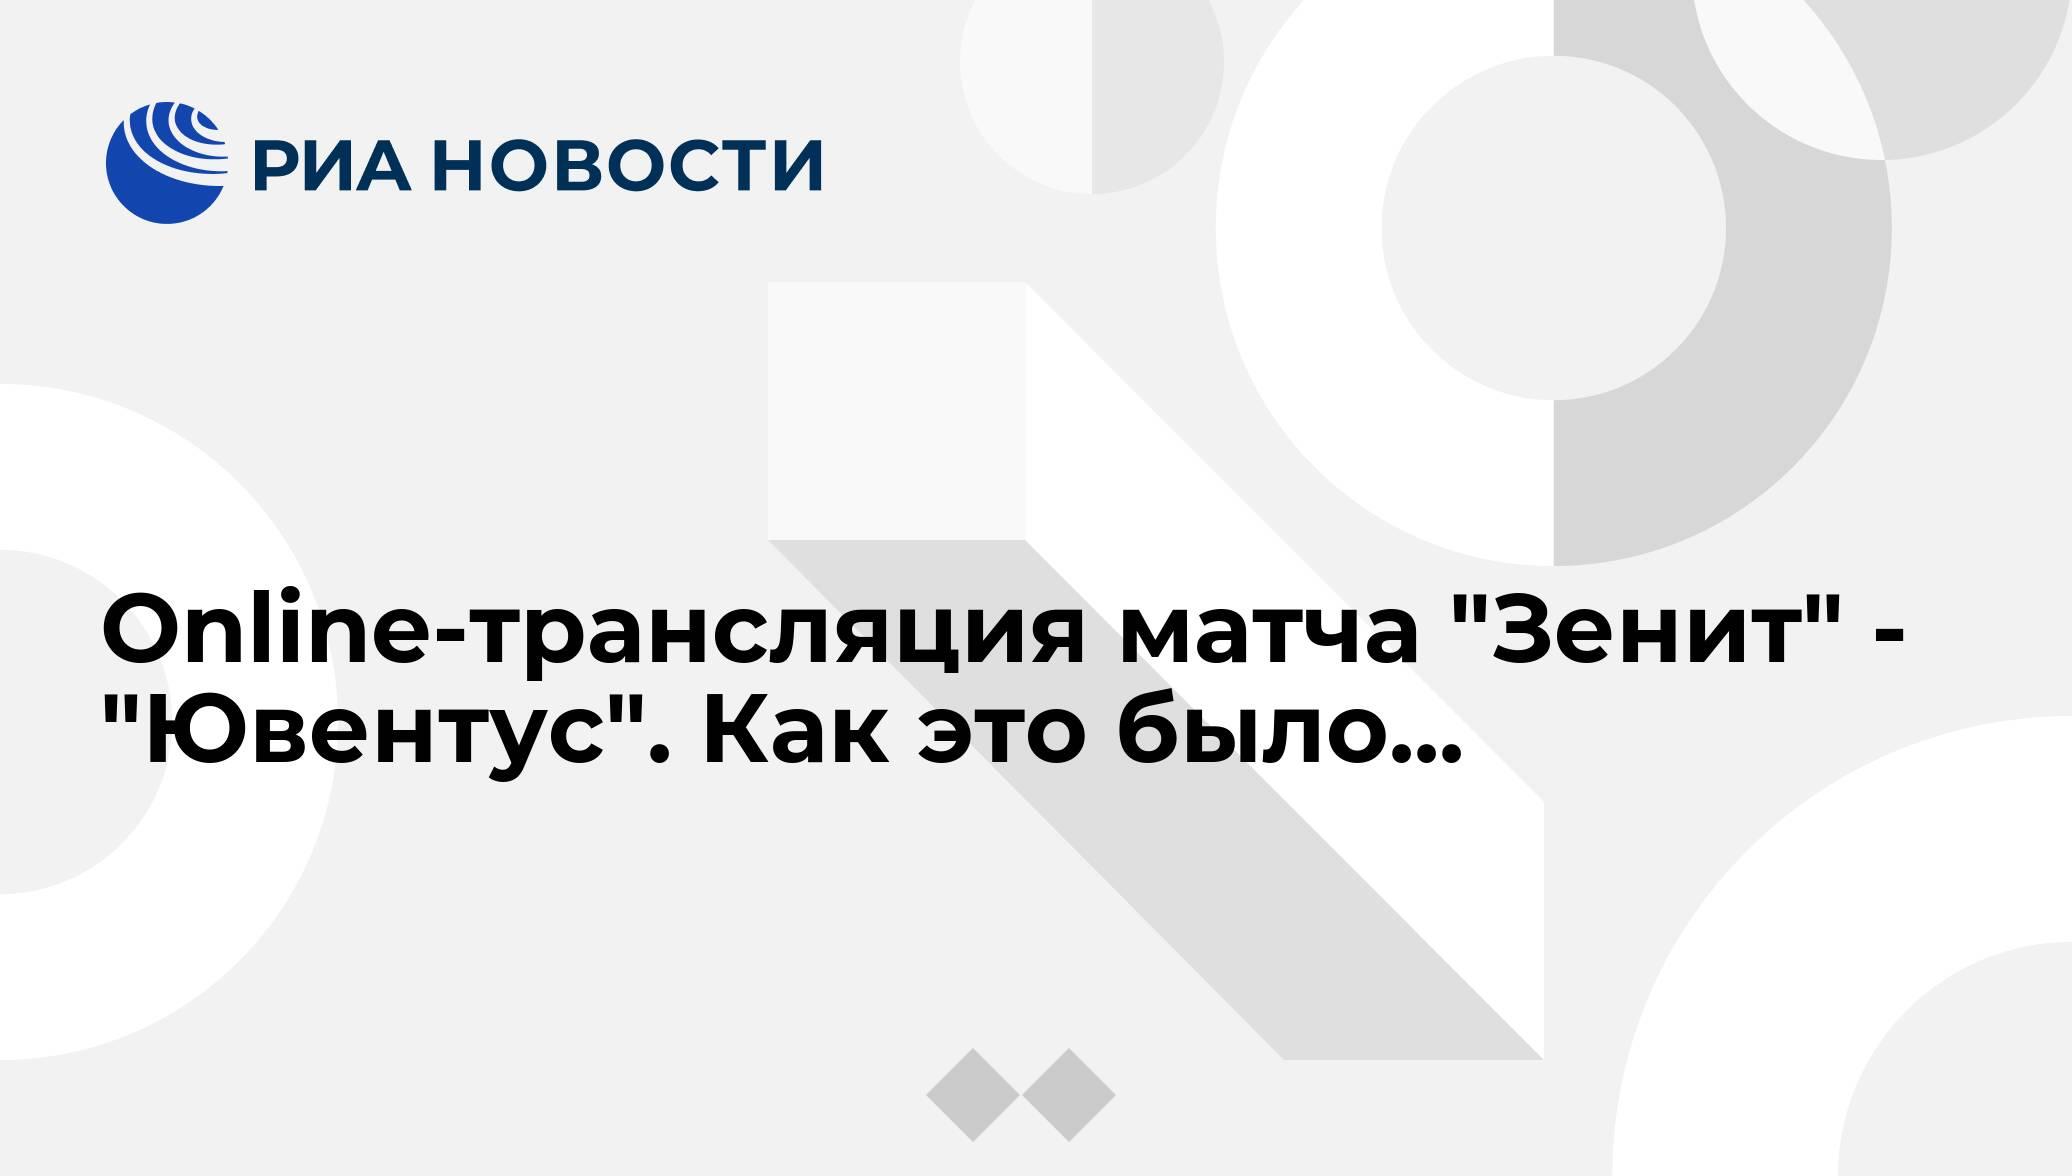 On- line транслЯциЯ лиги чемпионов ювентус- зенит